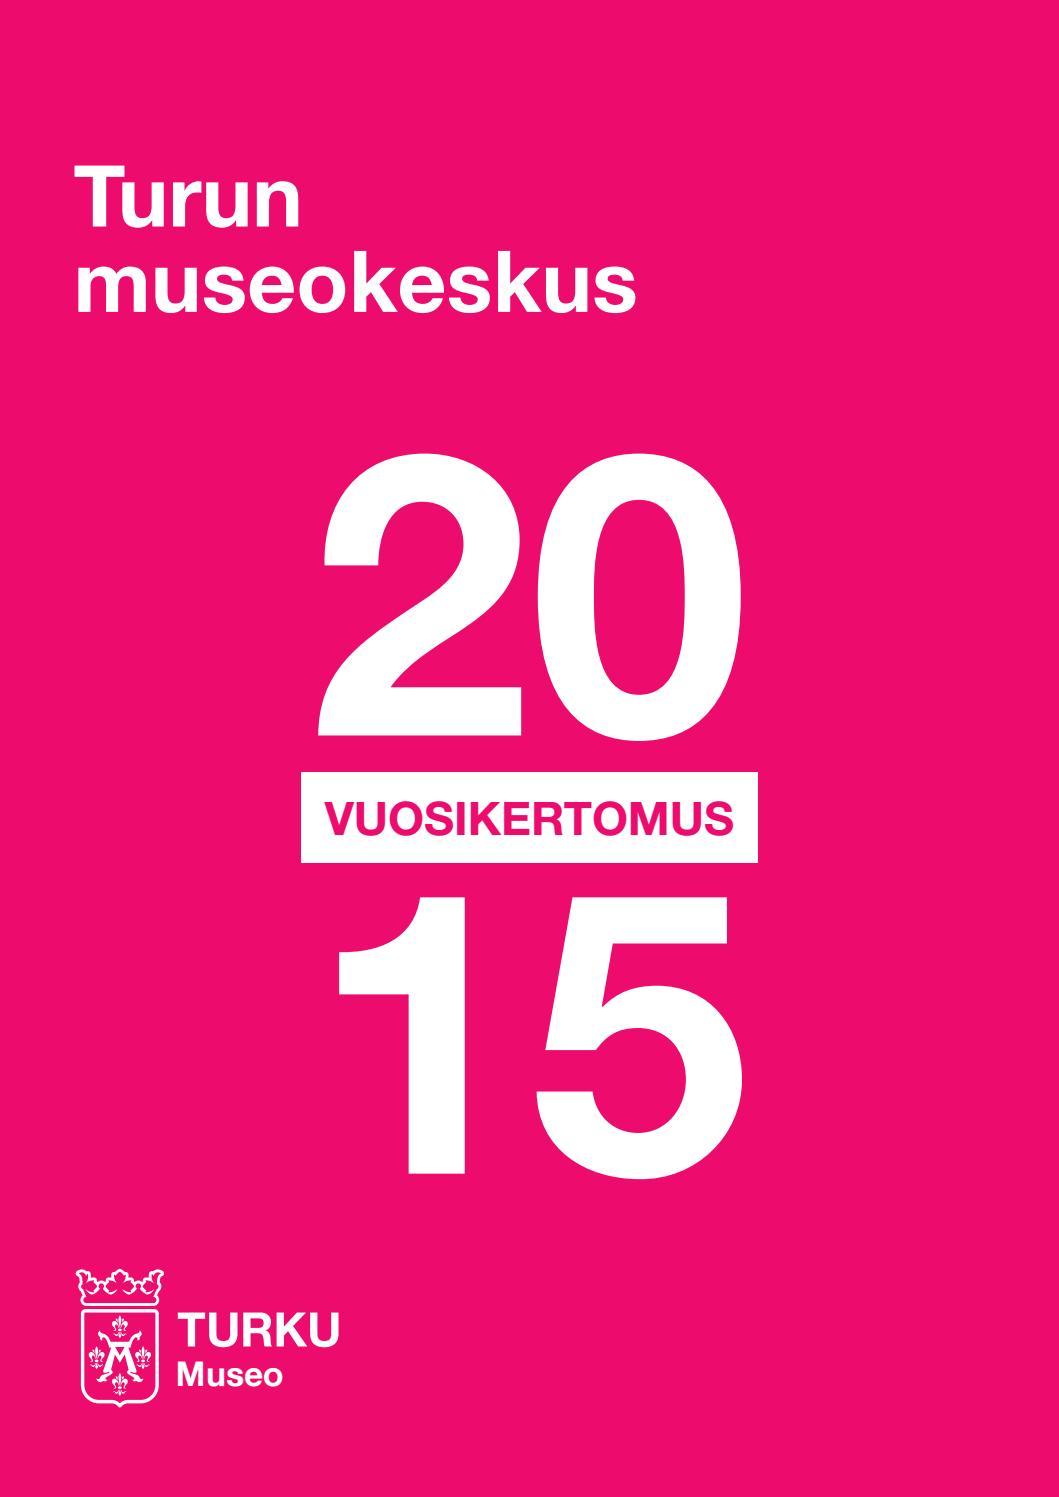 Turun museokeskus henkilökunta